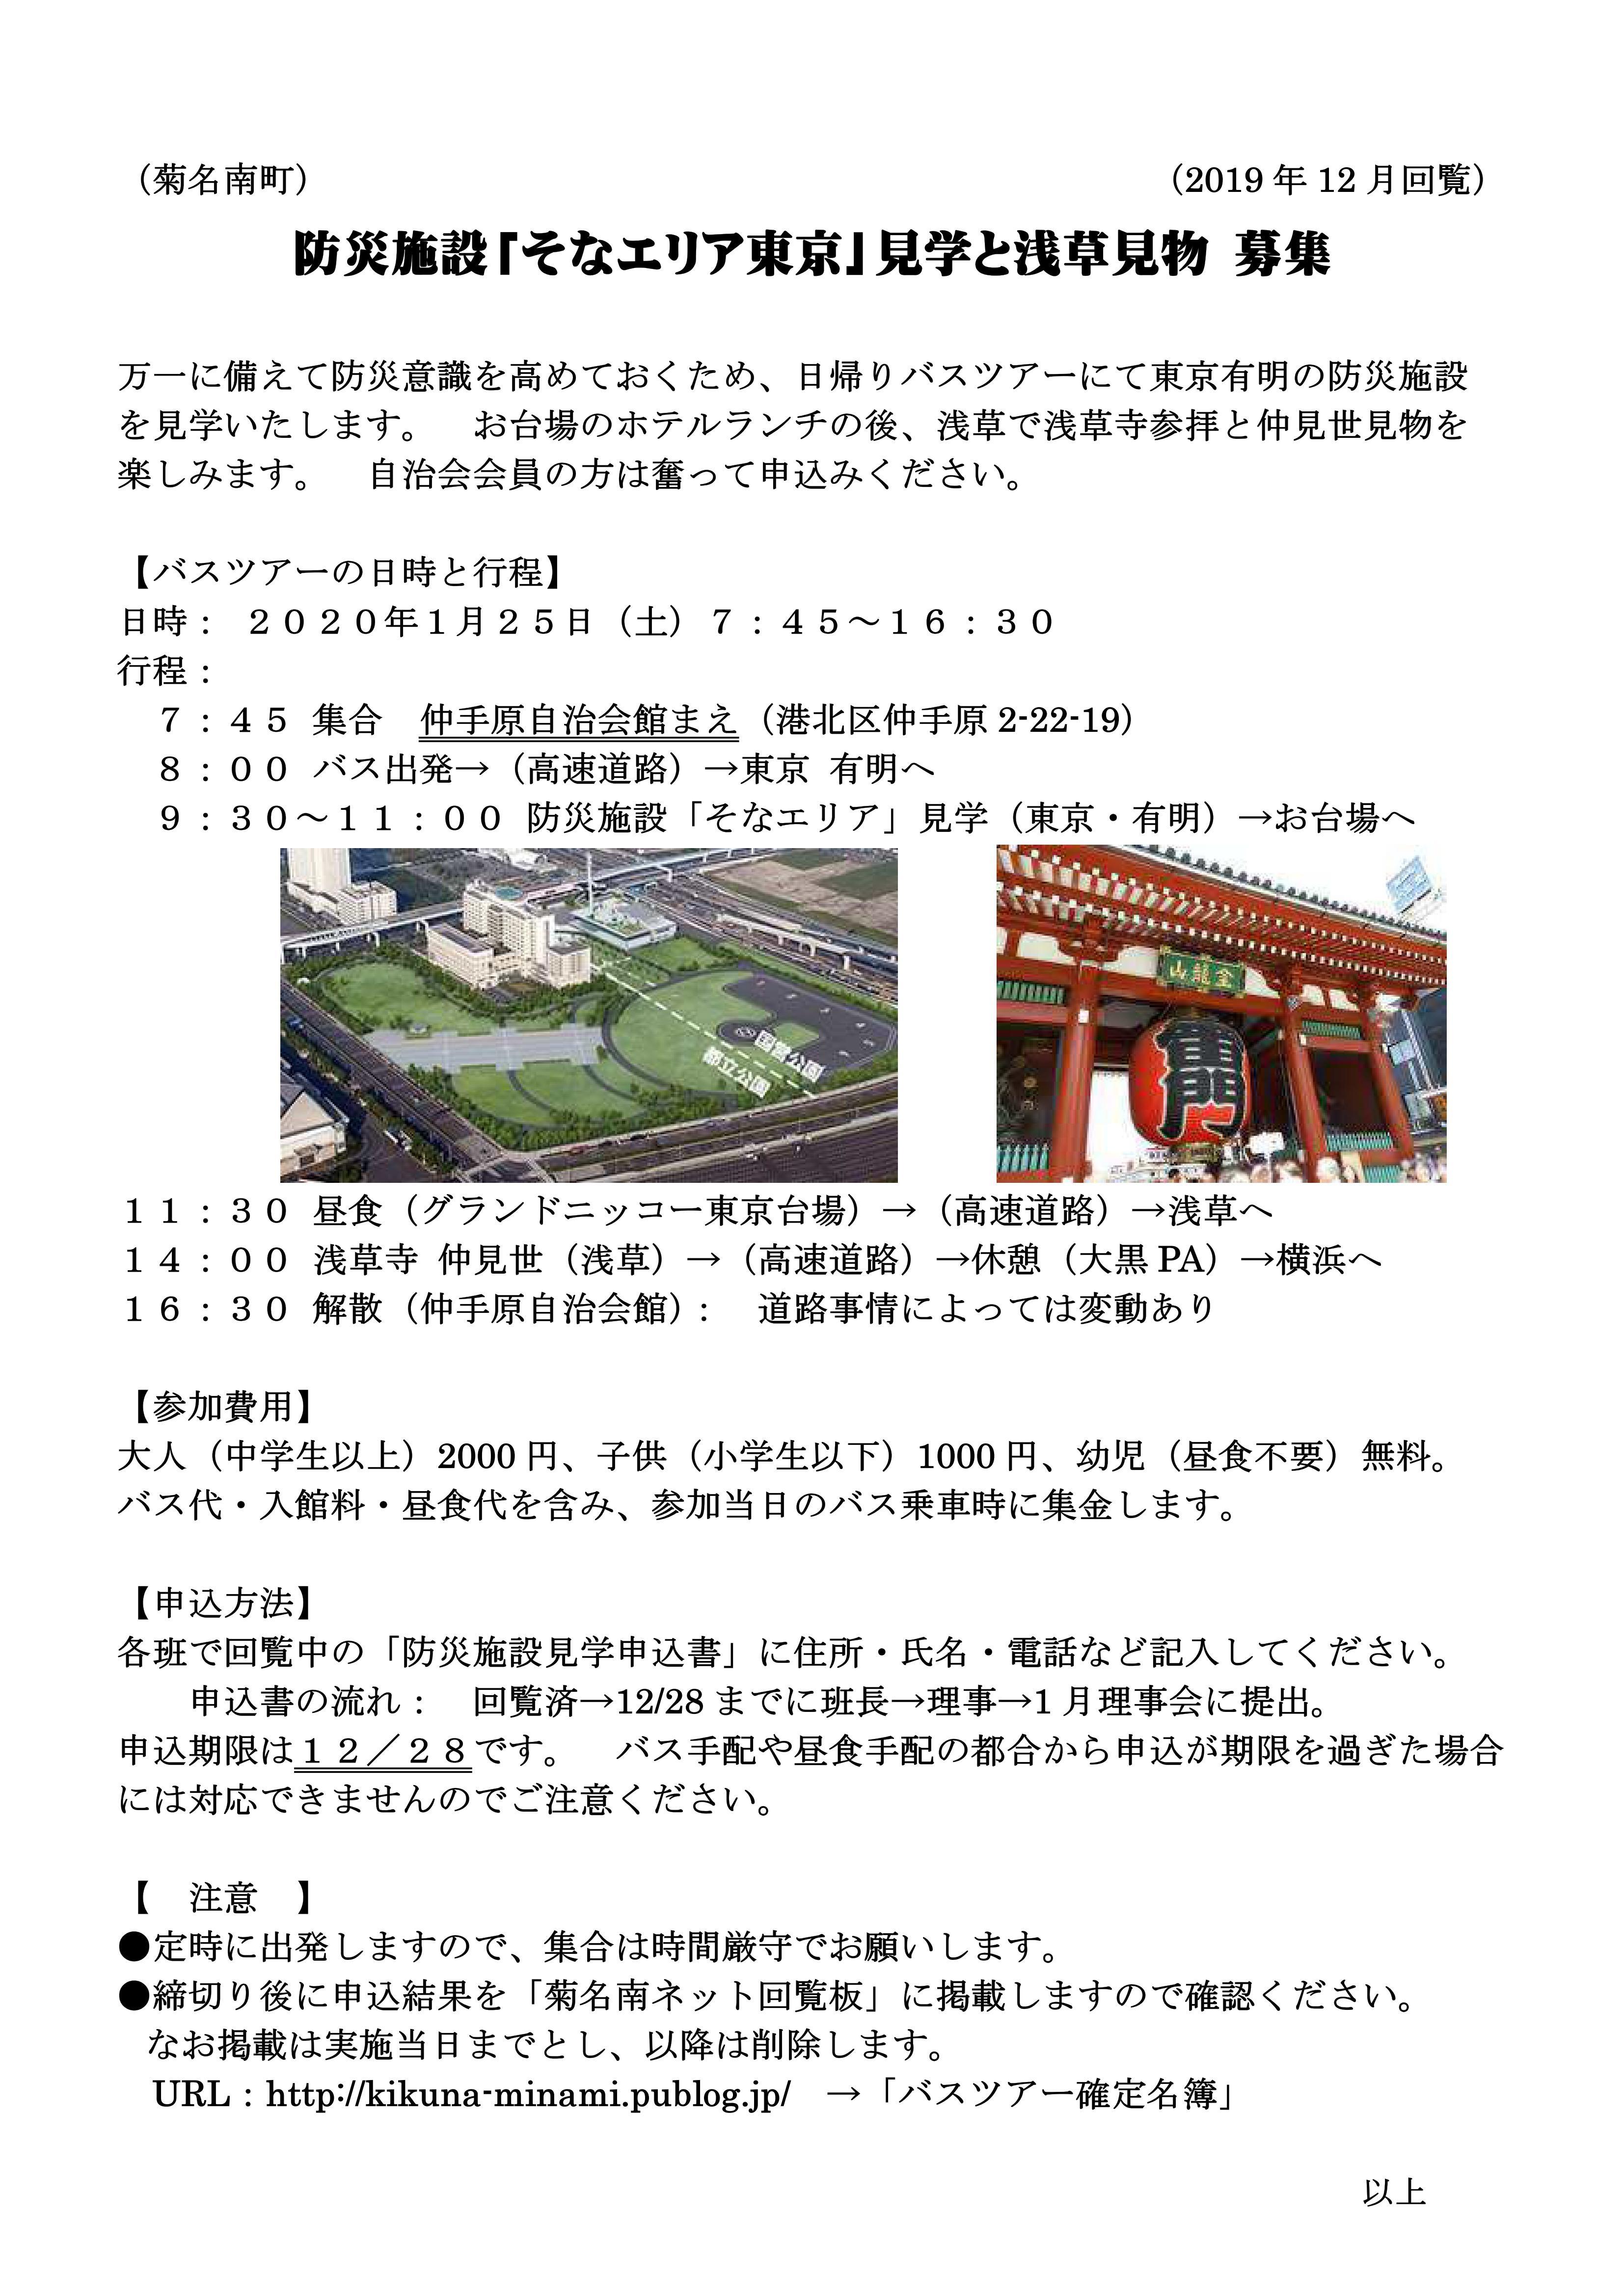 防災施設見学バスツアー20200125_募集&申込書_20191202_01